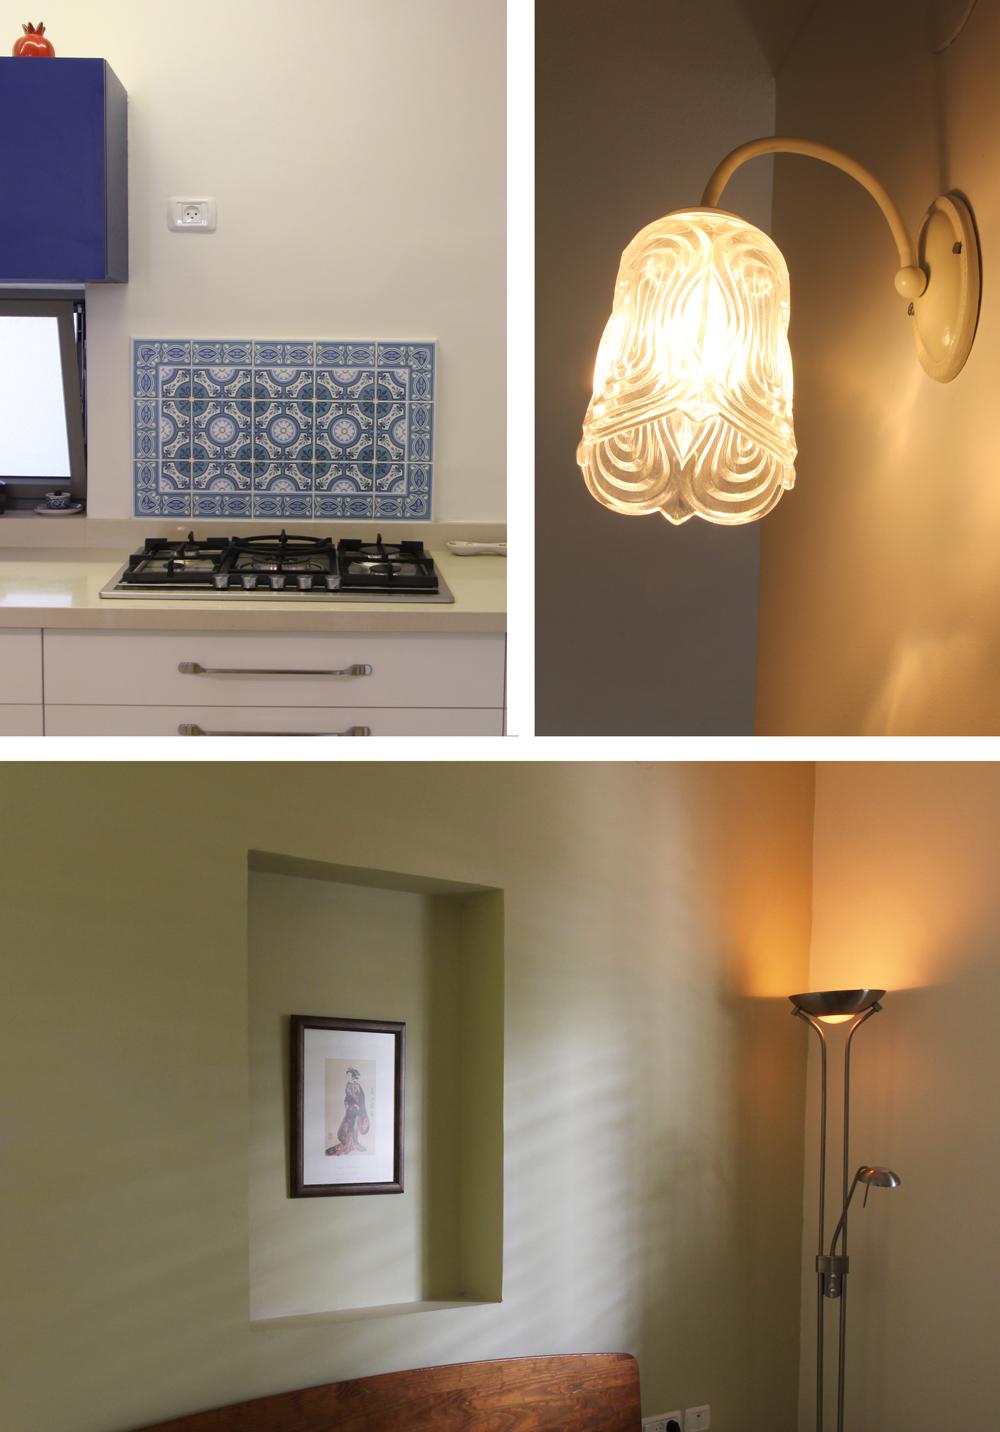 אלמנטים היוצרים אווירה – מנורה משוק הפשפשים, אריחים מודפסים מעל הכיריים, נישה בגב המיטה